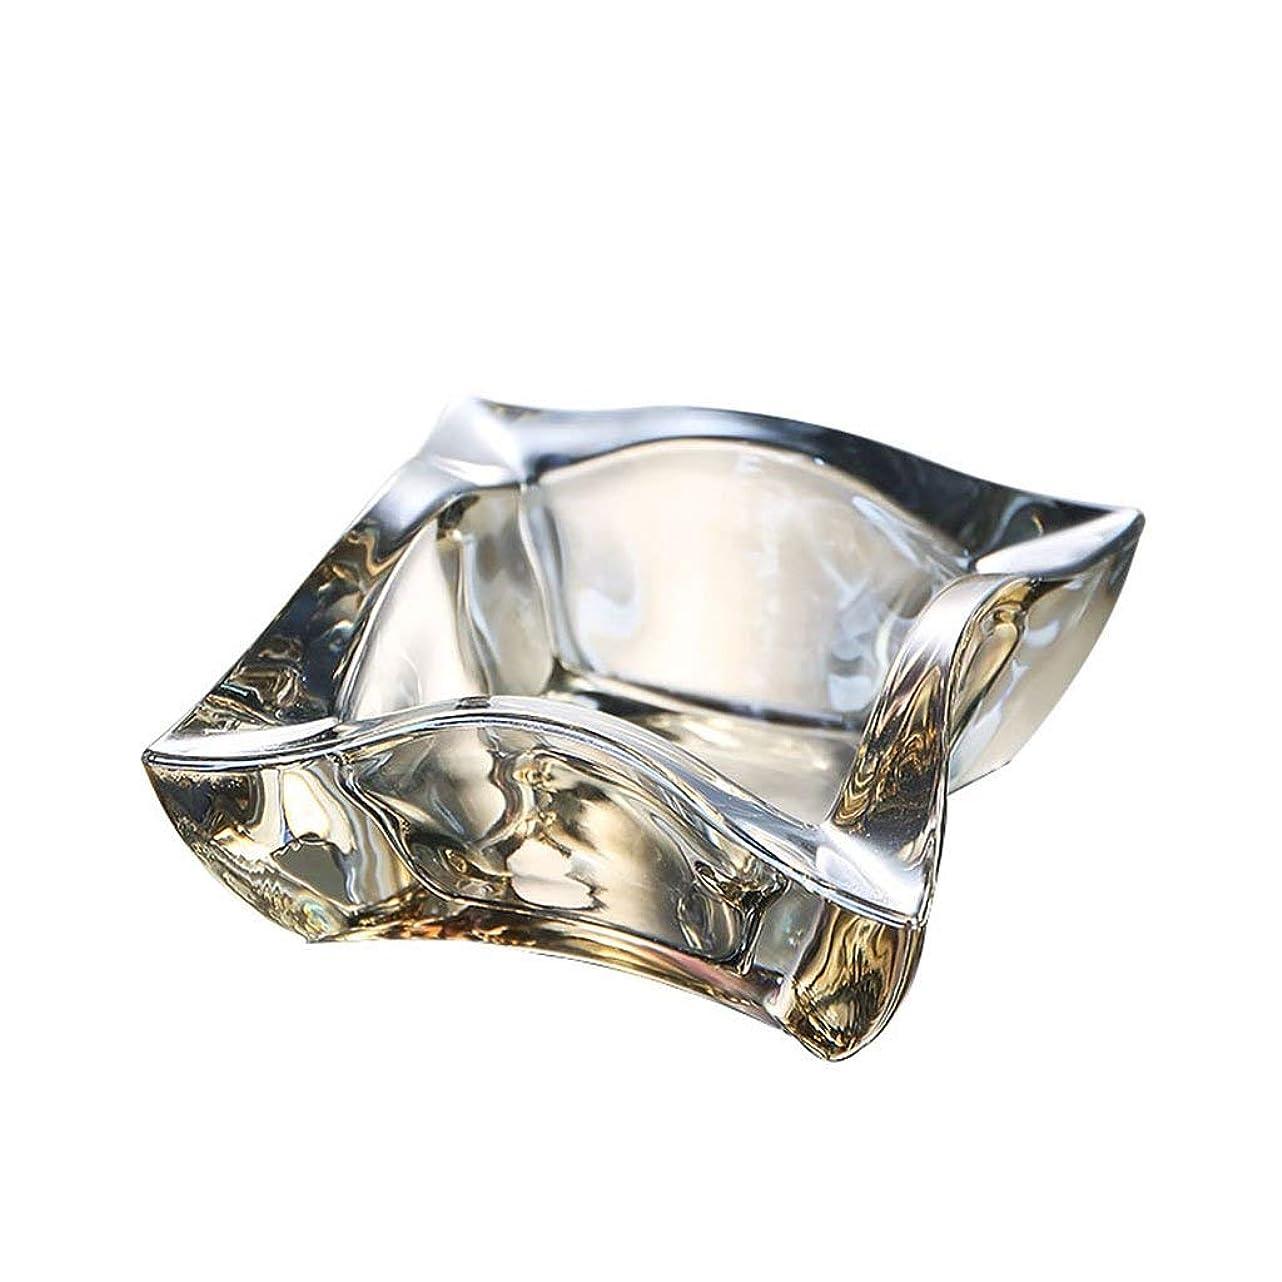 リボンブレークお客様TWDYC 灰皿クリエイティブオフィスリビングルームホテル人格トレンド多機能クリスタル透明ファッションガラス半透明ガラス